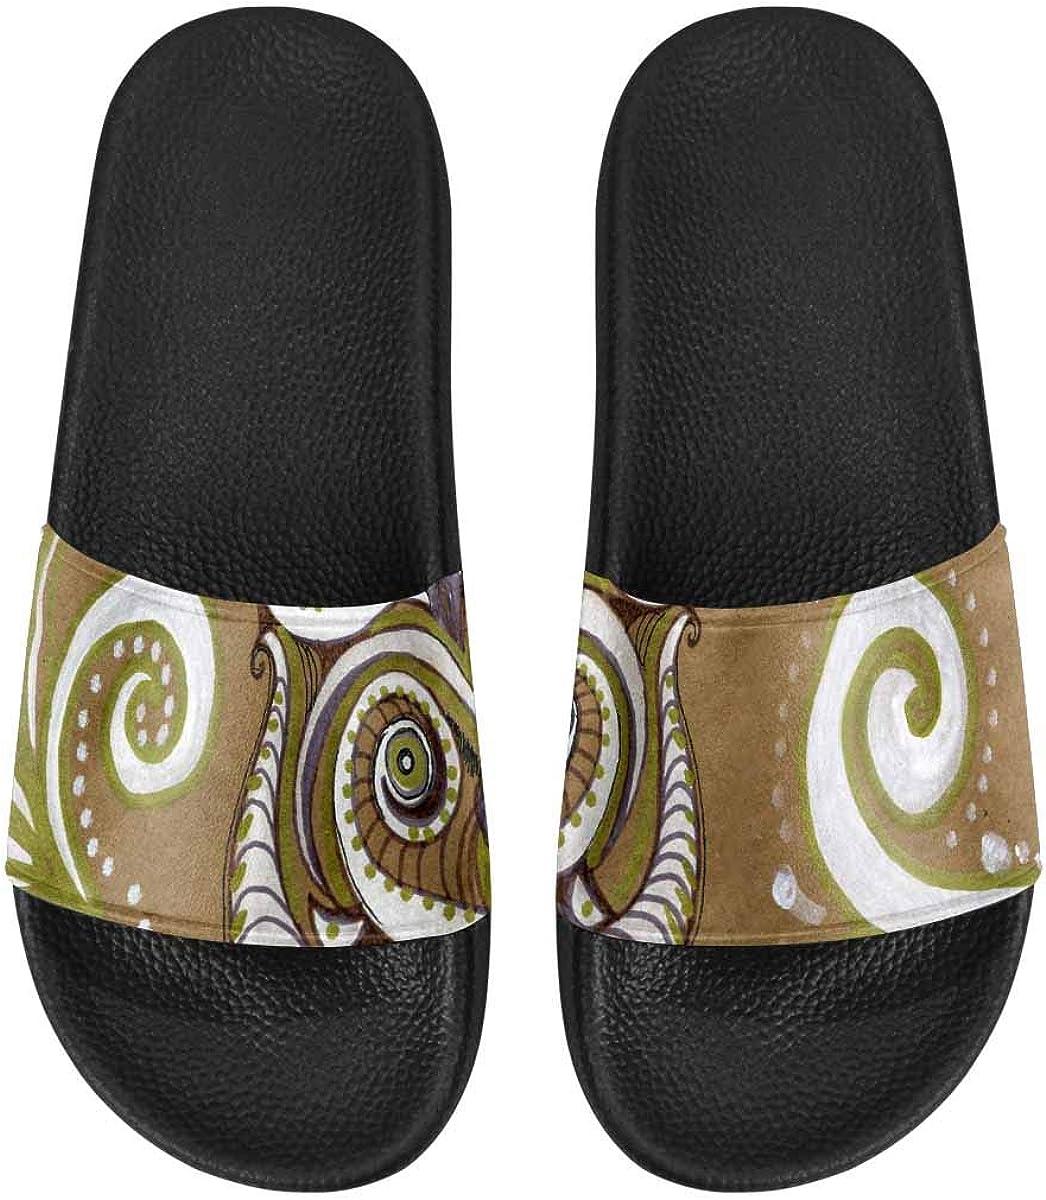 InterestPrint Women's Lightweight Sandals for Beach